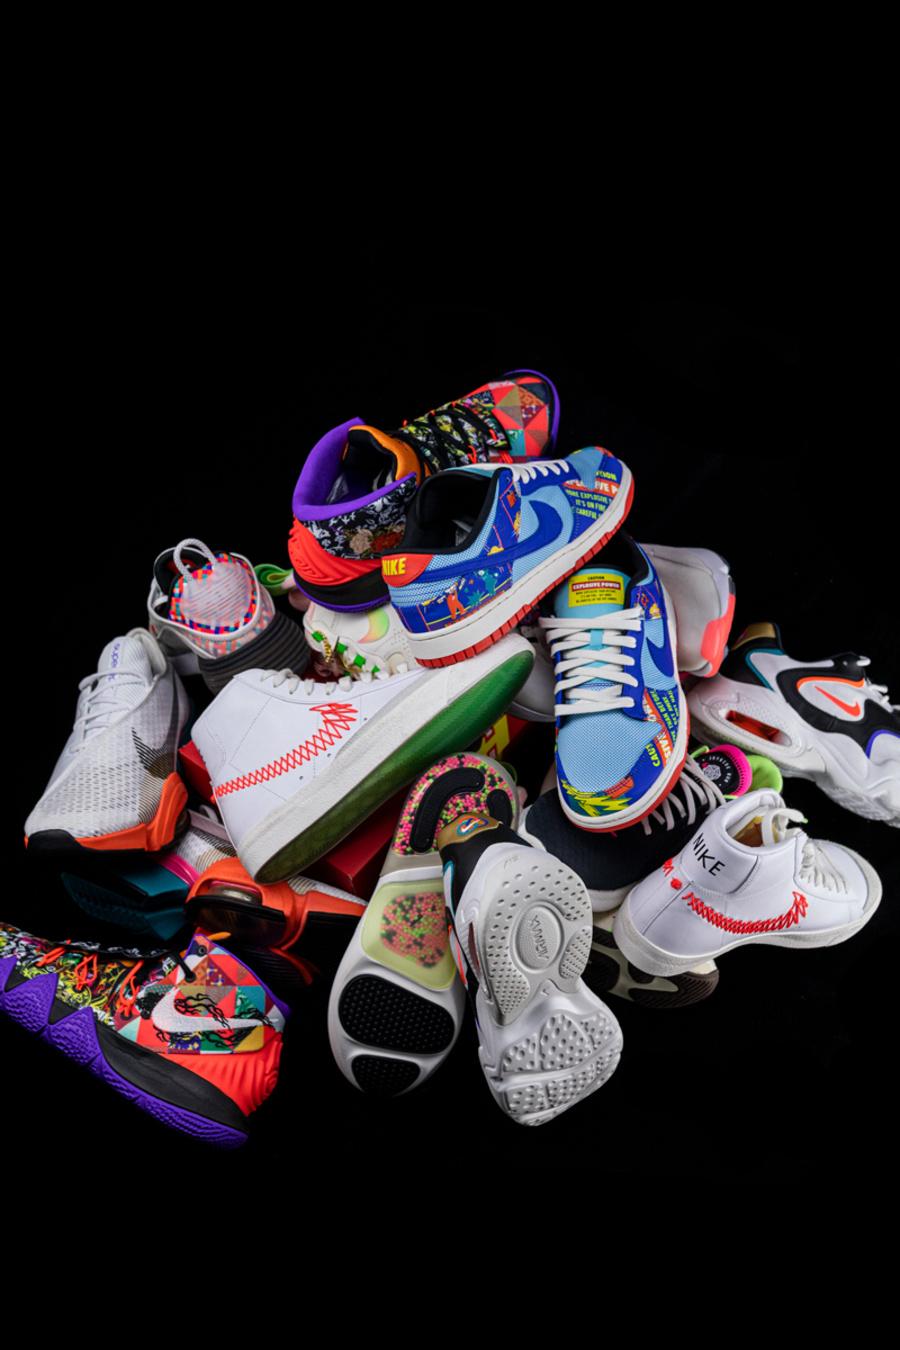 上脚,开箱,Nike,CNY  随时可能突袭!鞋面能刮两次的「Nike 新鞋」明早发售!更多入手渠道曝光!